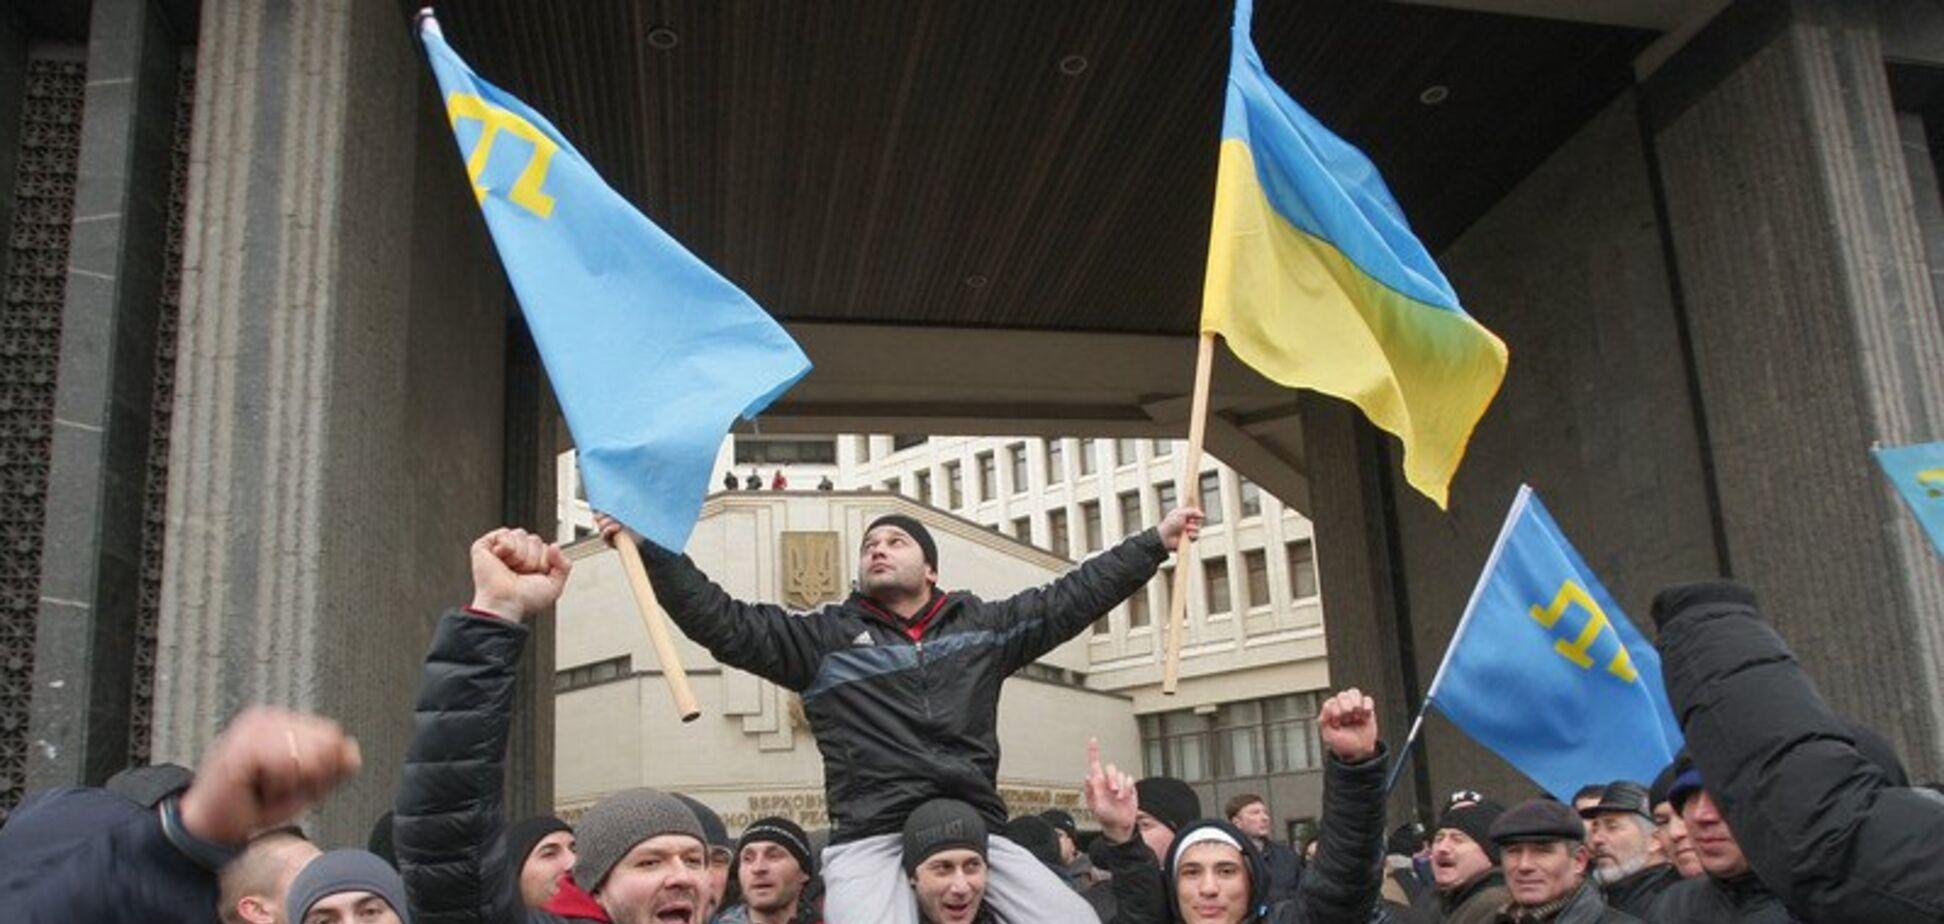 День спротиву російській окупації: як кримчани боролися проти анексії